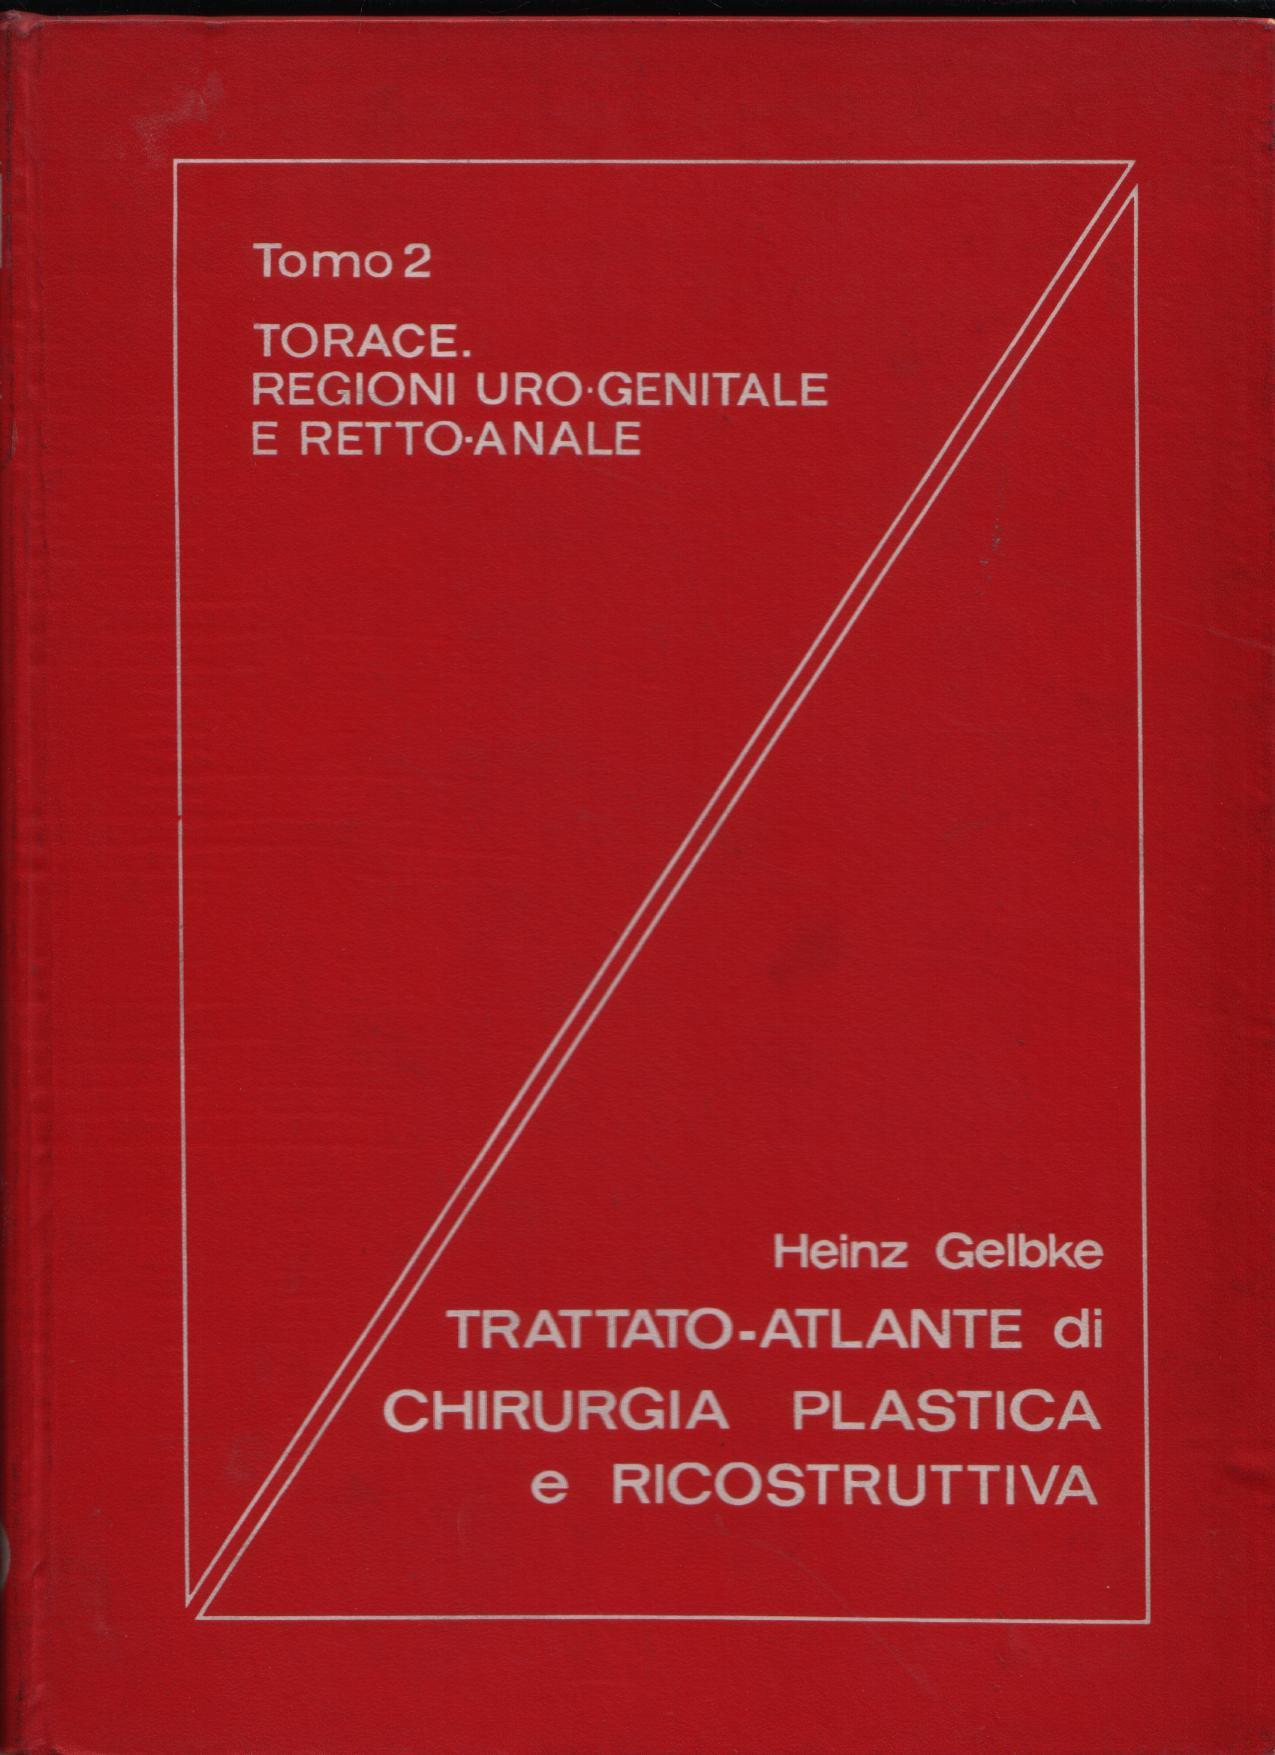 Trattato-atlante di chirurgia plastica e ricostruttiva